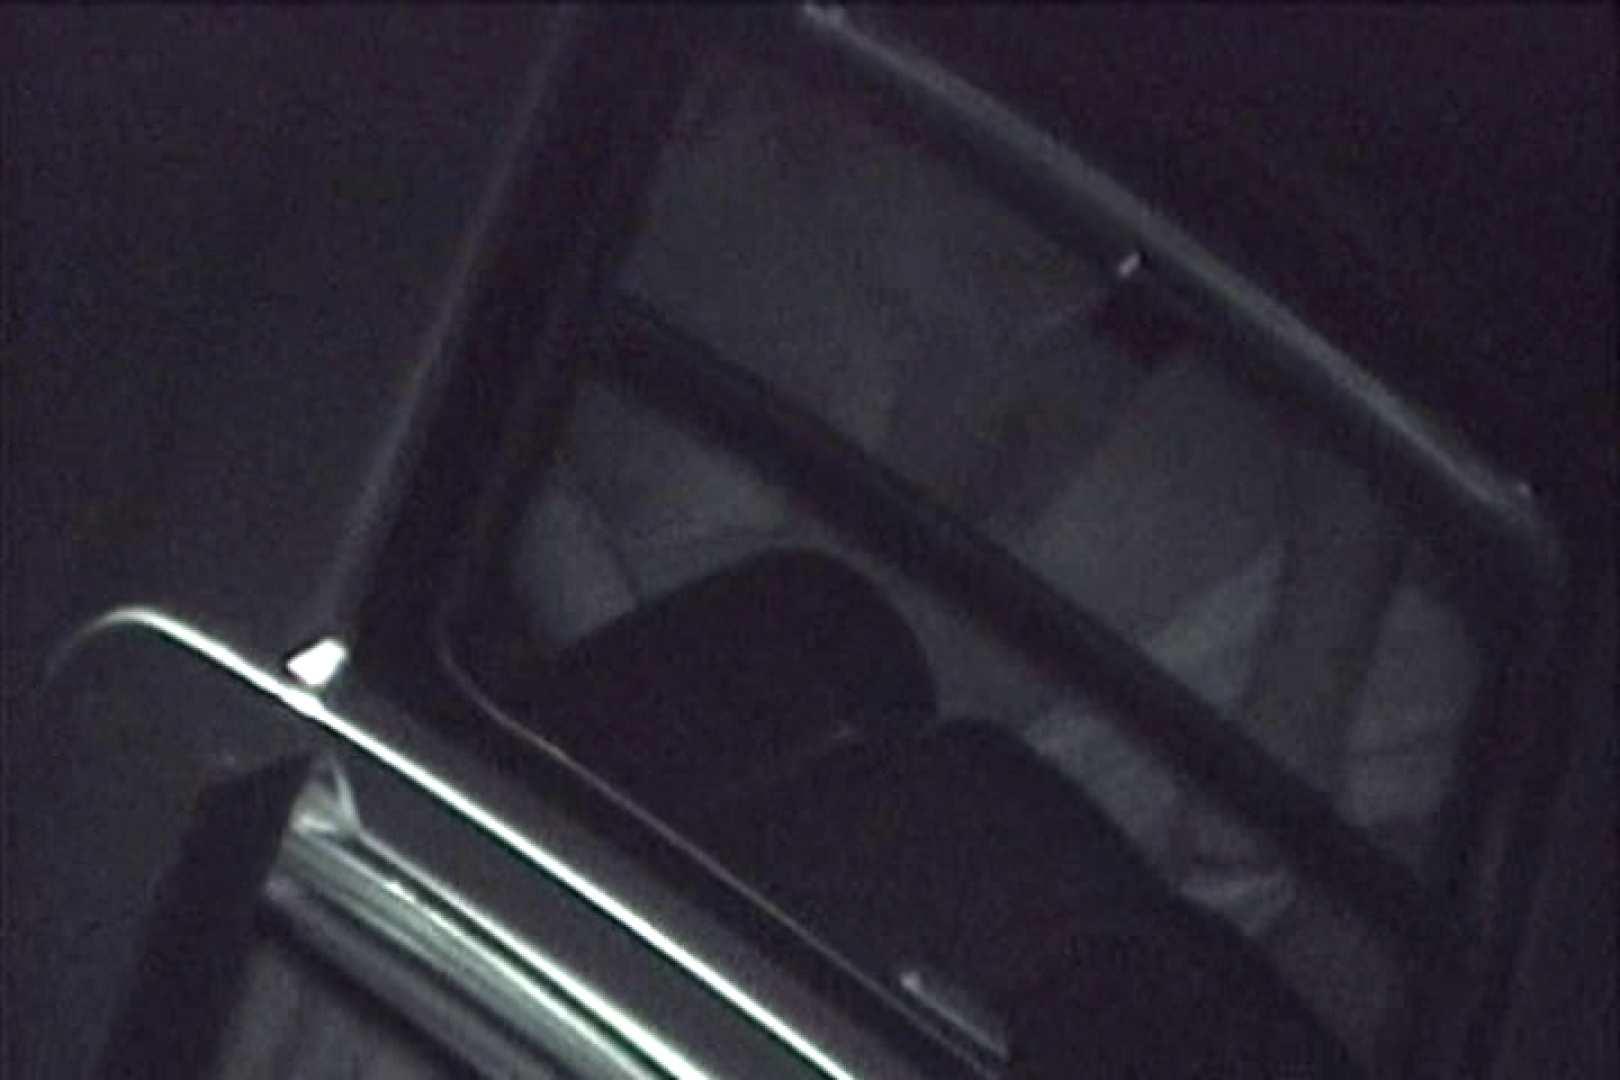 車の中はラブホテル 無修正版  Vol.21 HなOL 盗撮画像 83pic 37